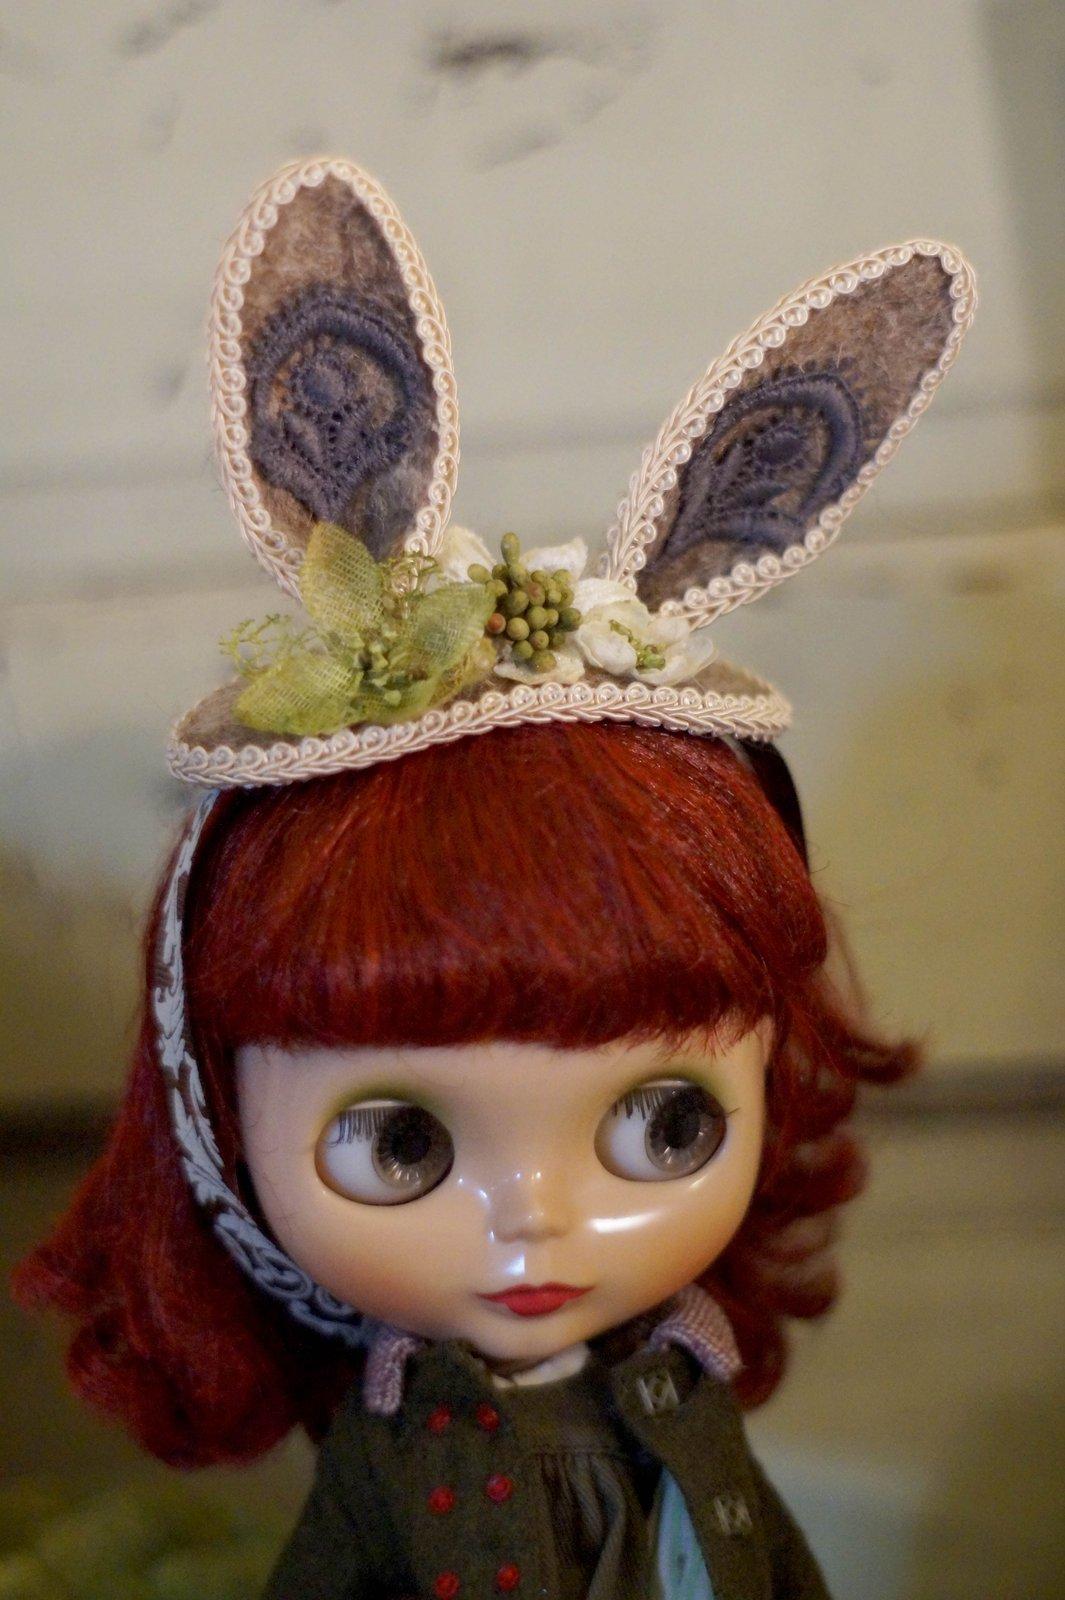 Bunny Hat by Rhodora Jacob: Date w/ Blythe Auction